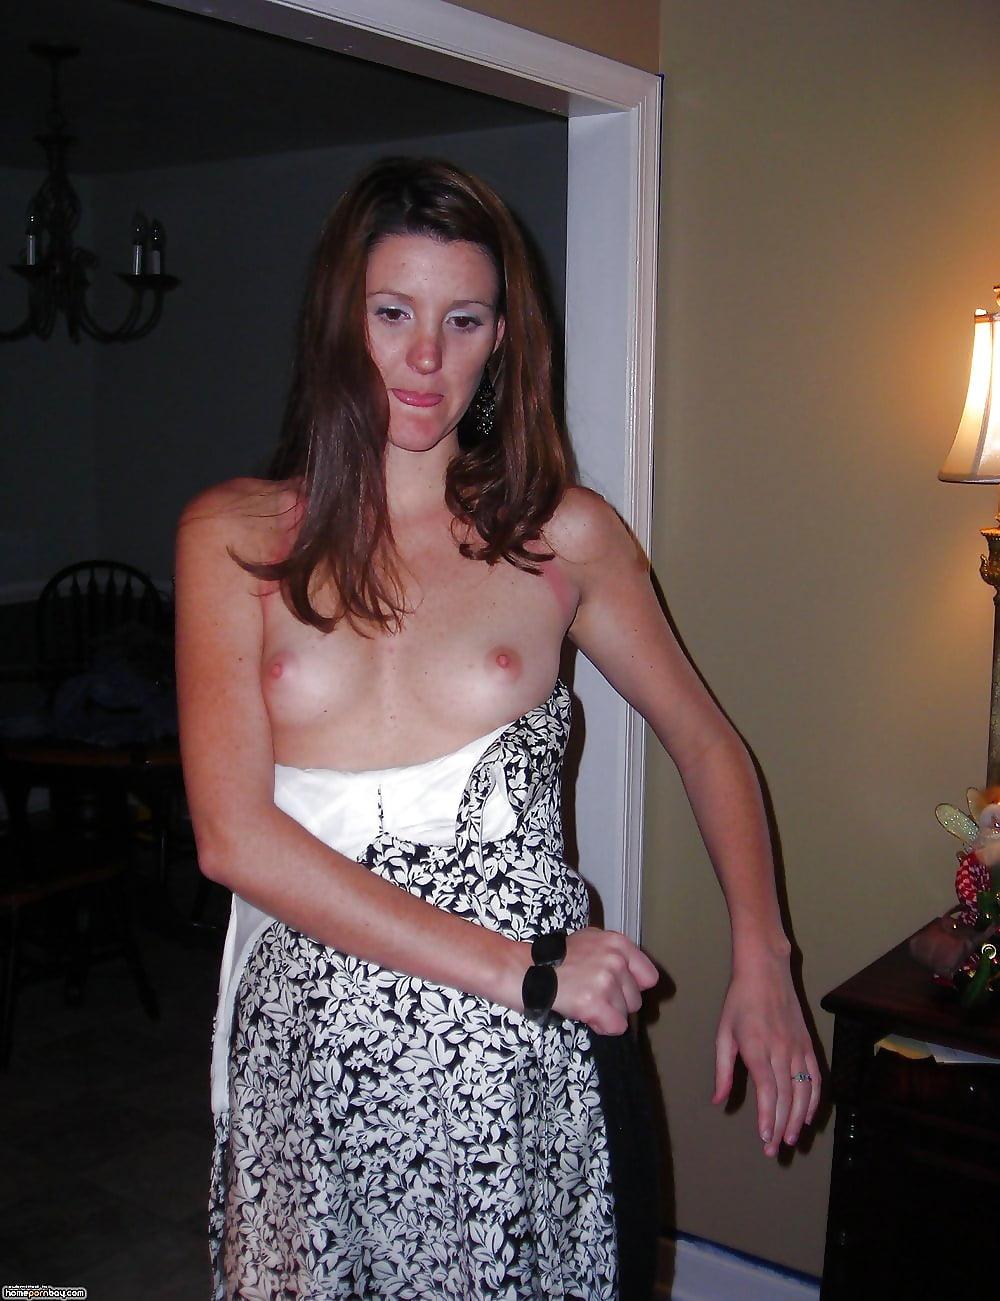 nude-wives-next-door-uniform-butt-tgp